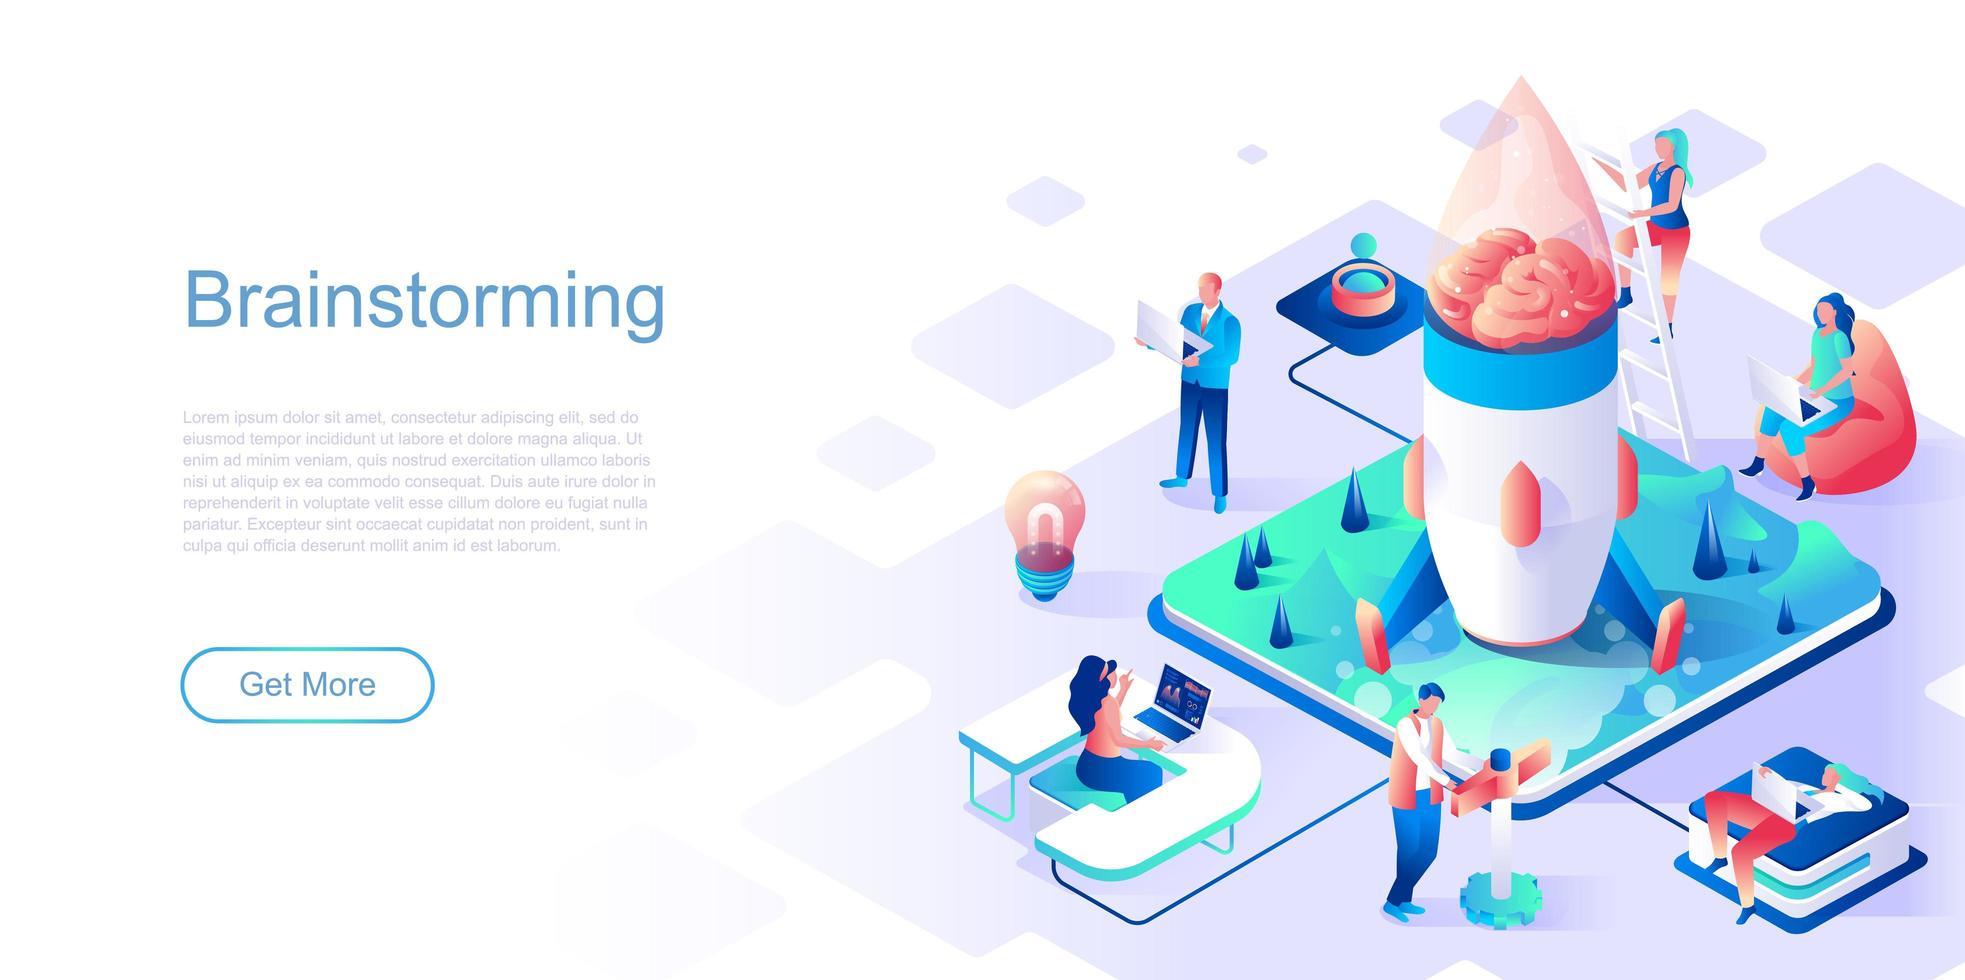 modèle de page de destination de brainstorming vecteur